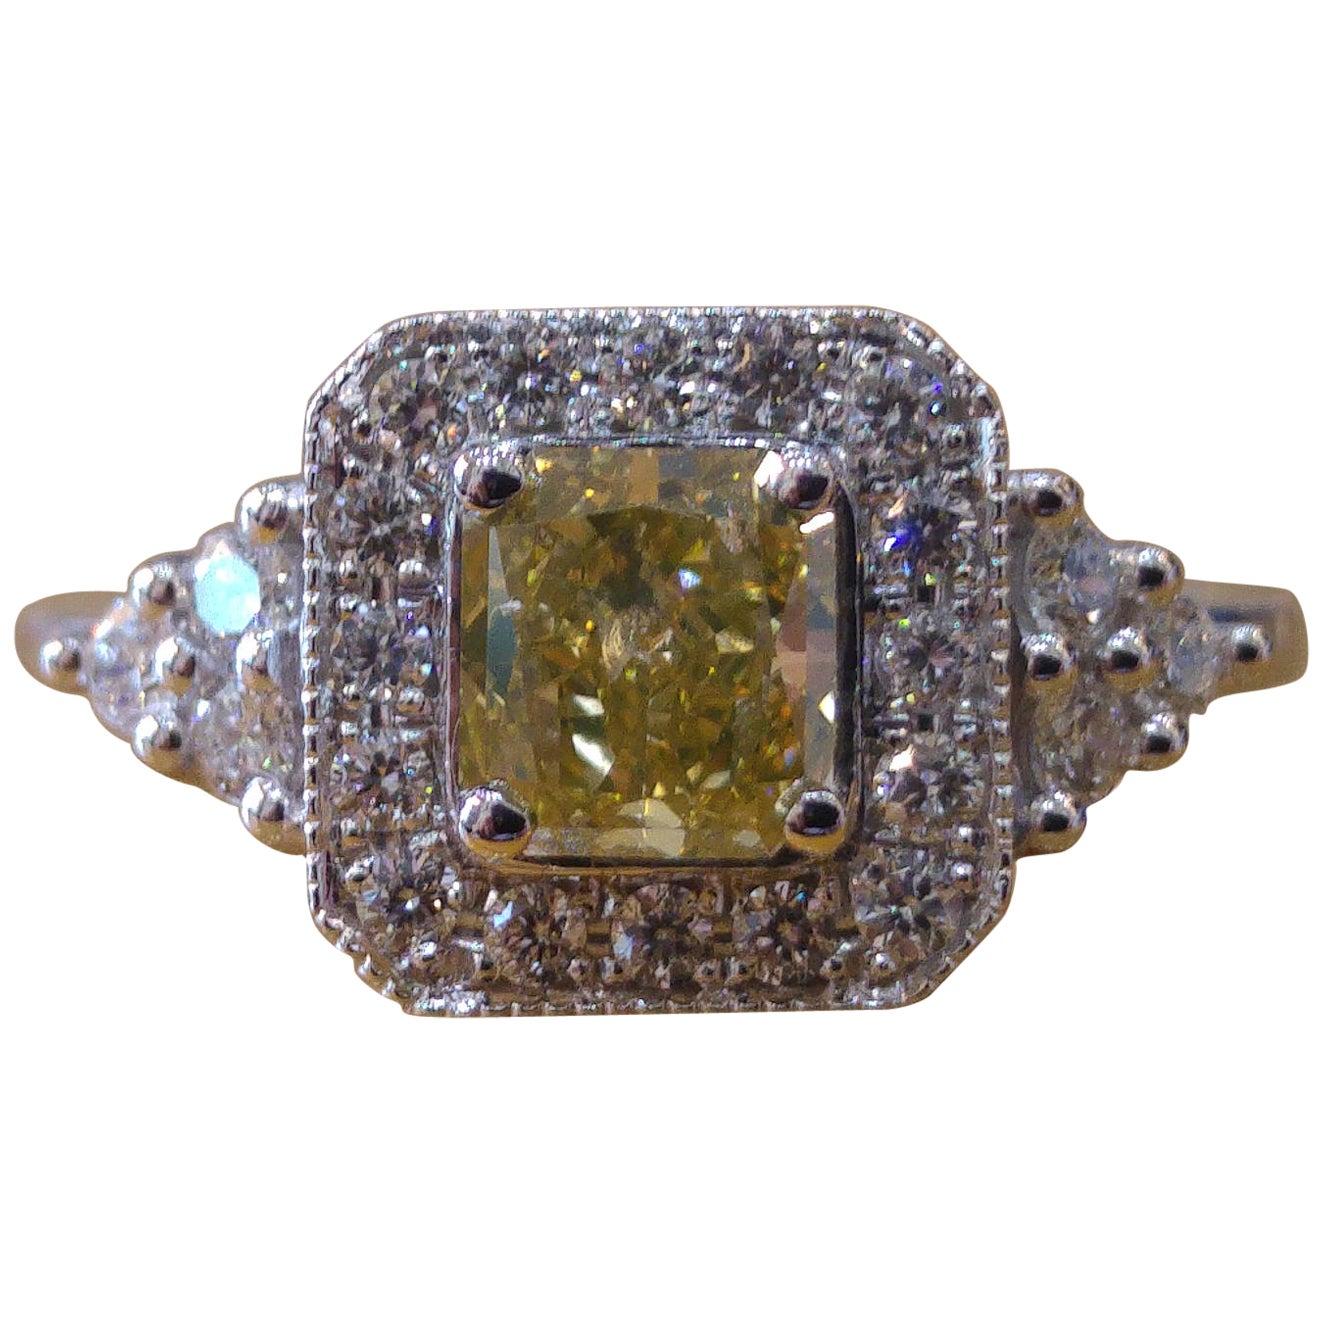 1 Carat 14 Karat White Gold Fancy Yellow Cushion Diamond Engagement Ring